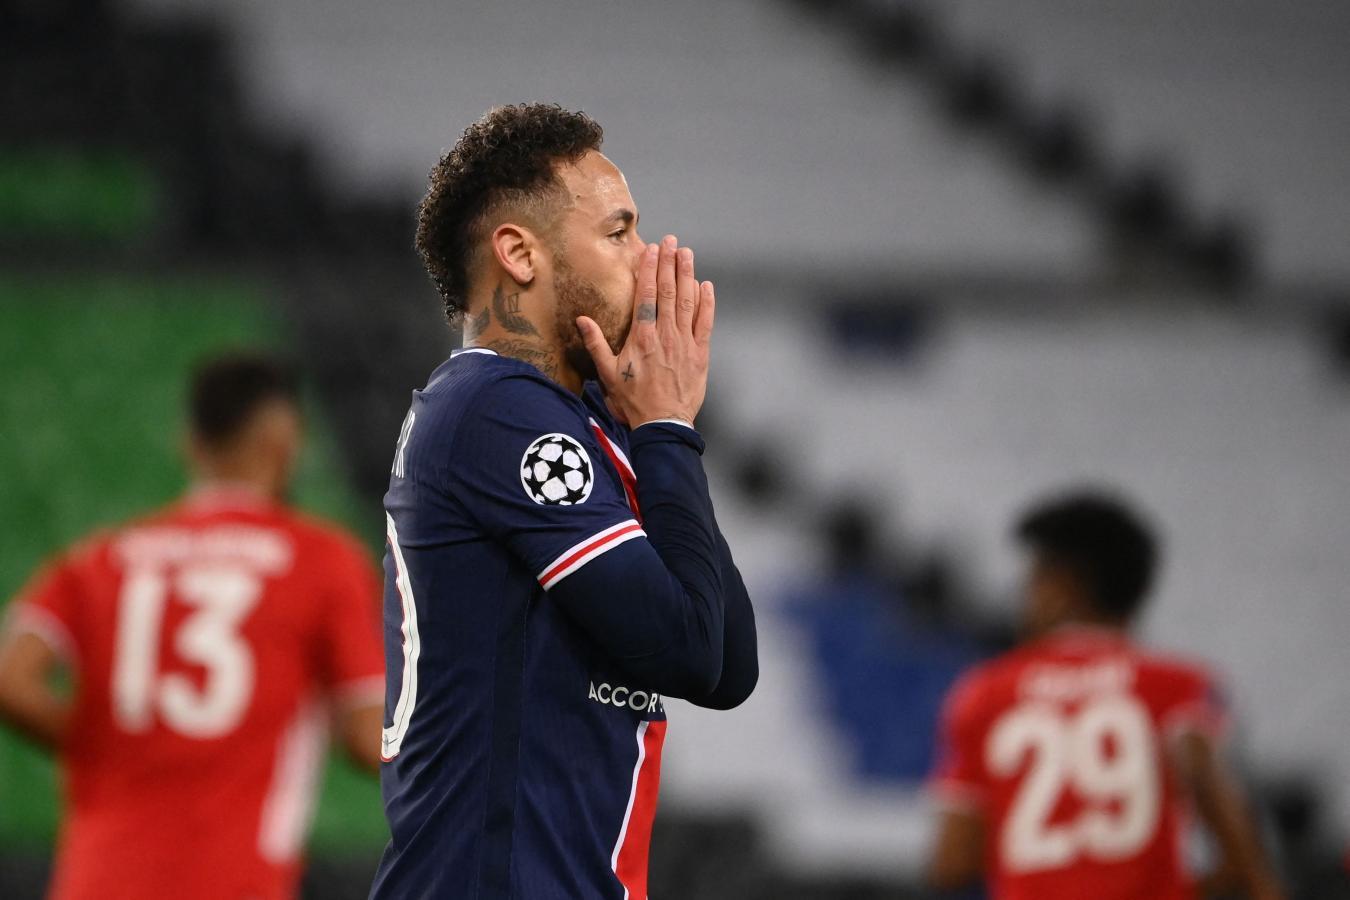 Neymar jugó un partidazo. En el primer tiempo estrelló la pelota contra el poste y el travesaño, y aquí se lamenta por esas ocasiones falladas. Foto: @ChampionsLeague